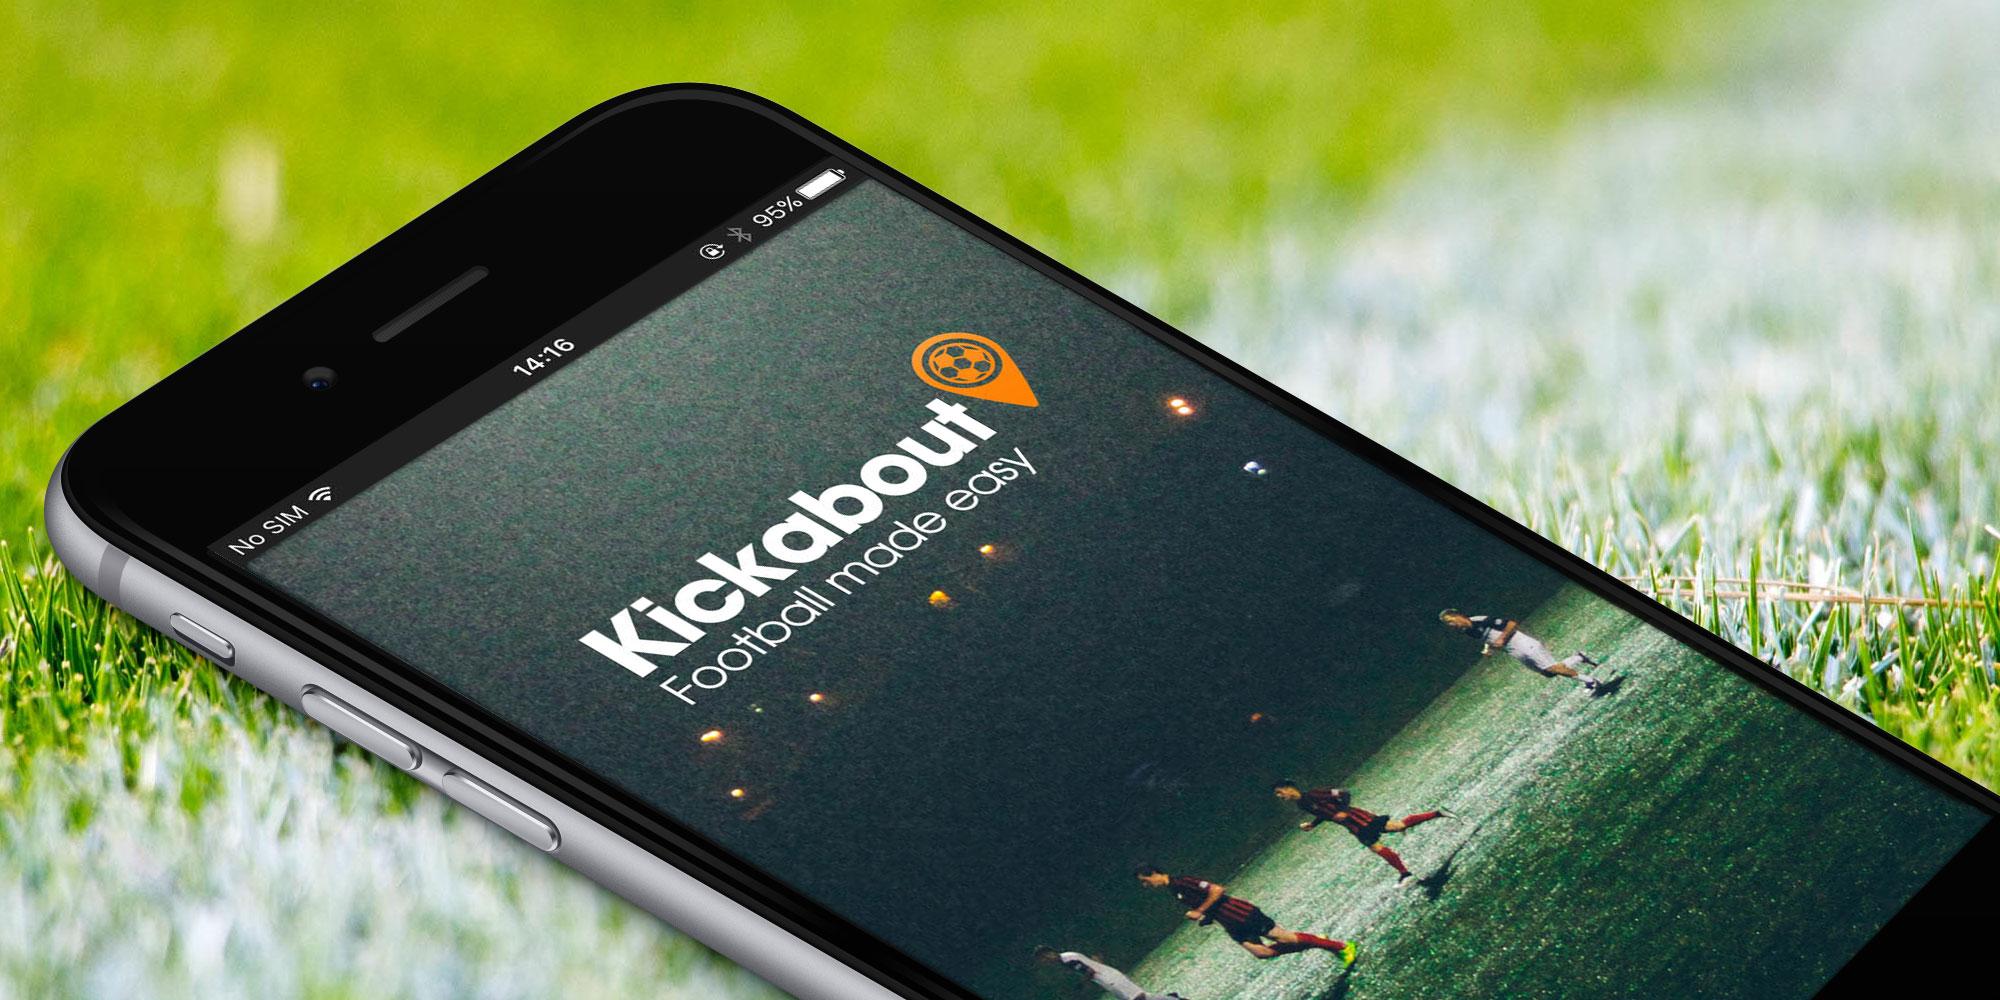 Kickabout_App_TLC.jpg